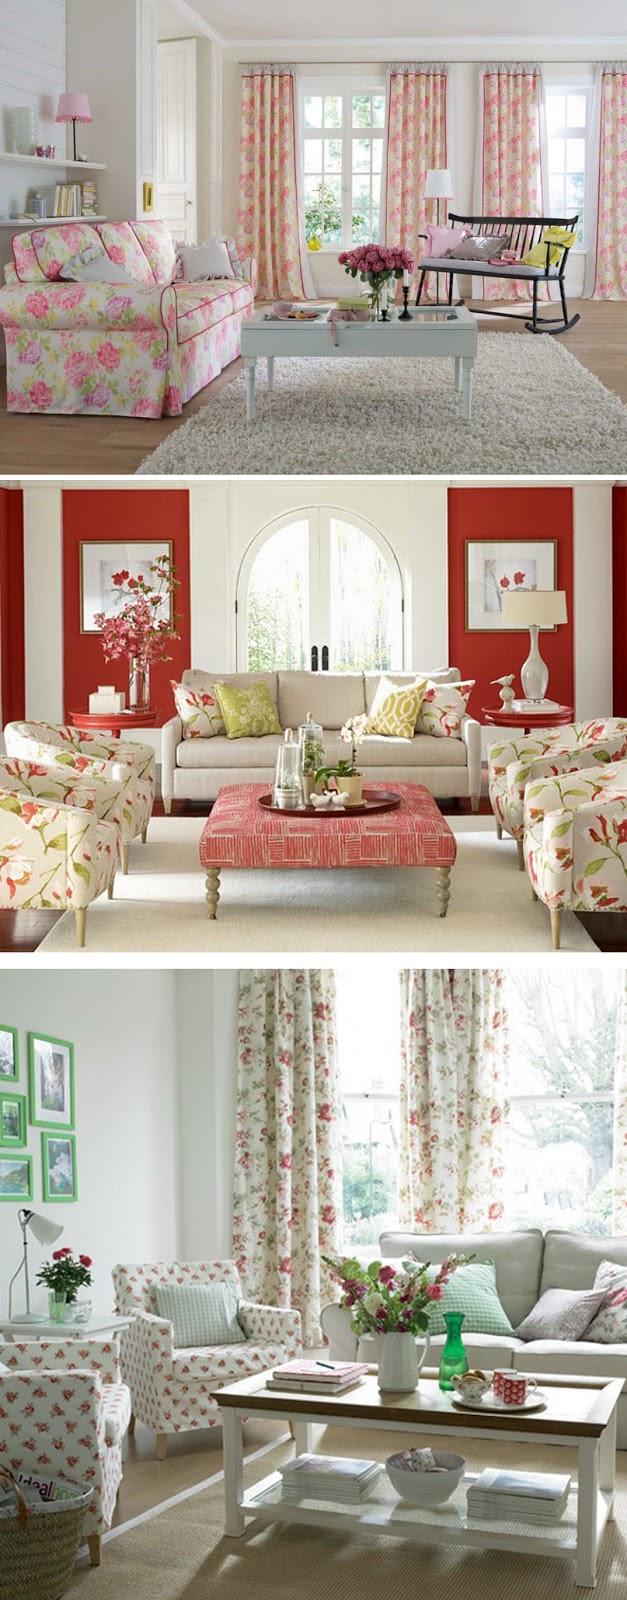 decoração floral para sala, shabby chic, retro, vintage